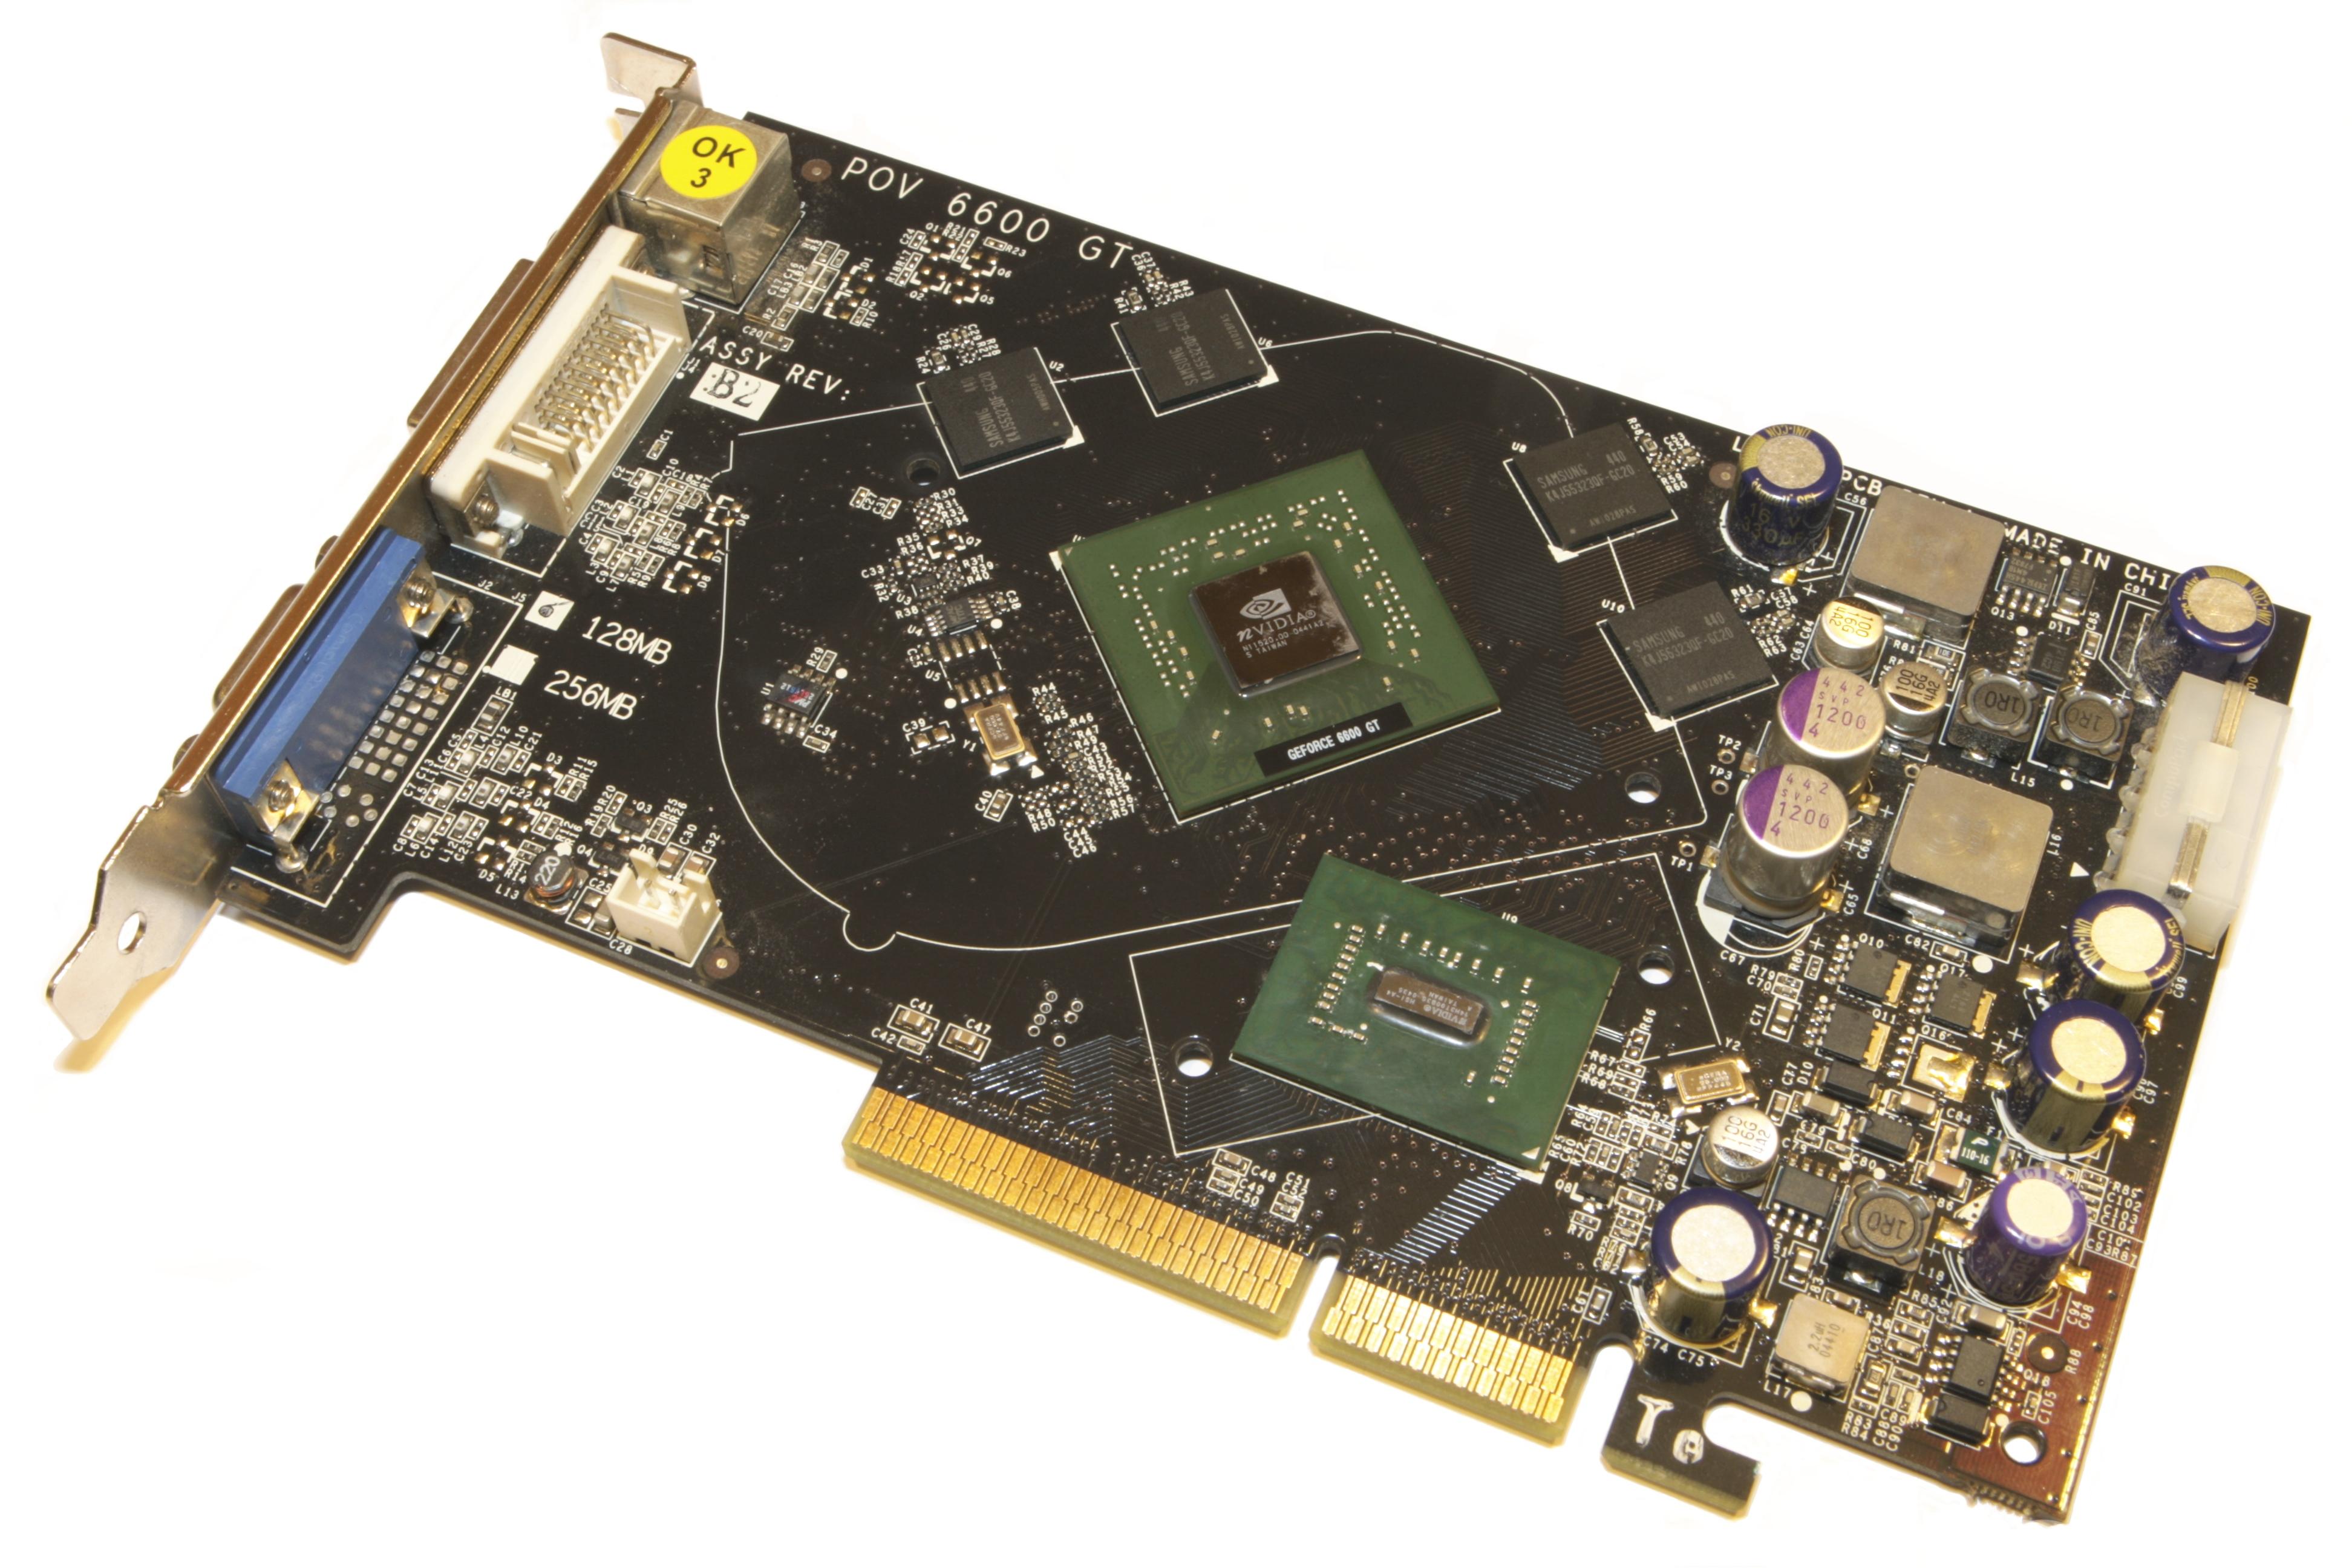 скачать беспл драйвер на видеокарту nvidia geforce 6200